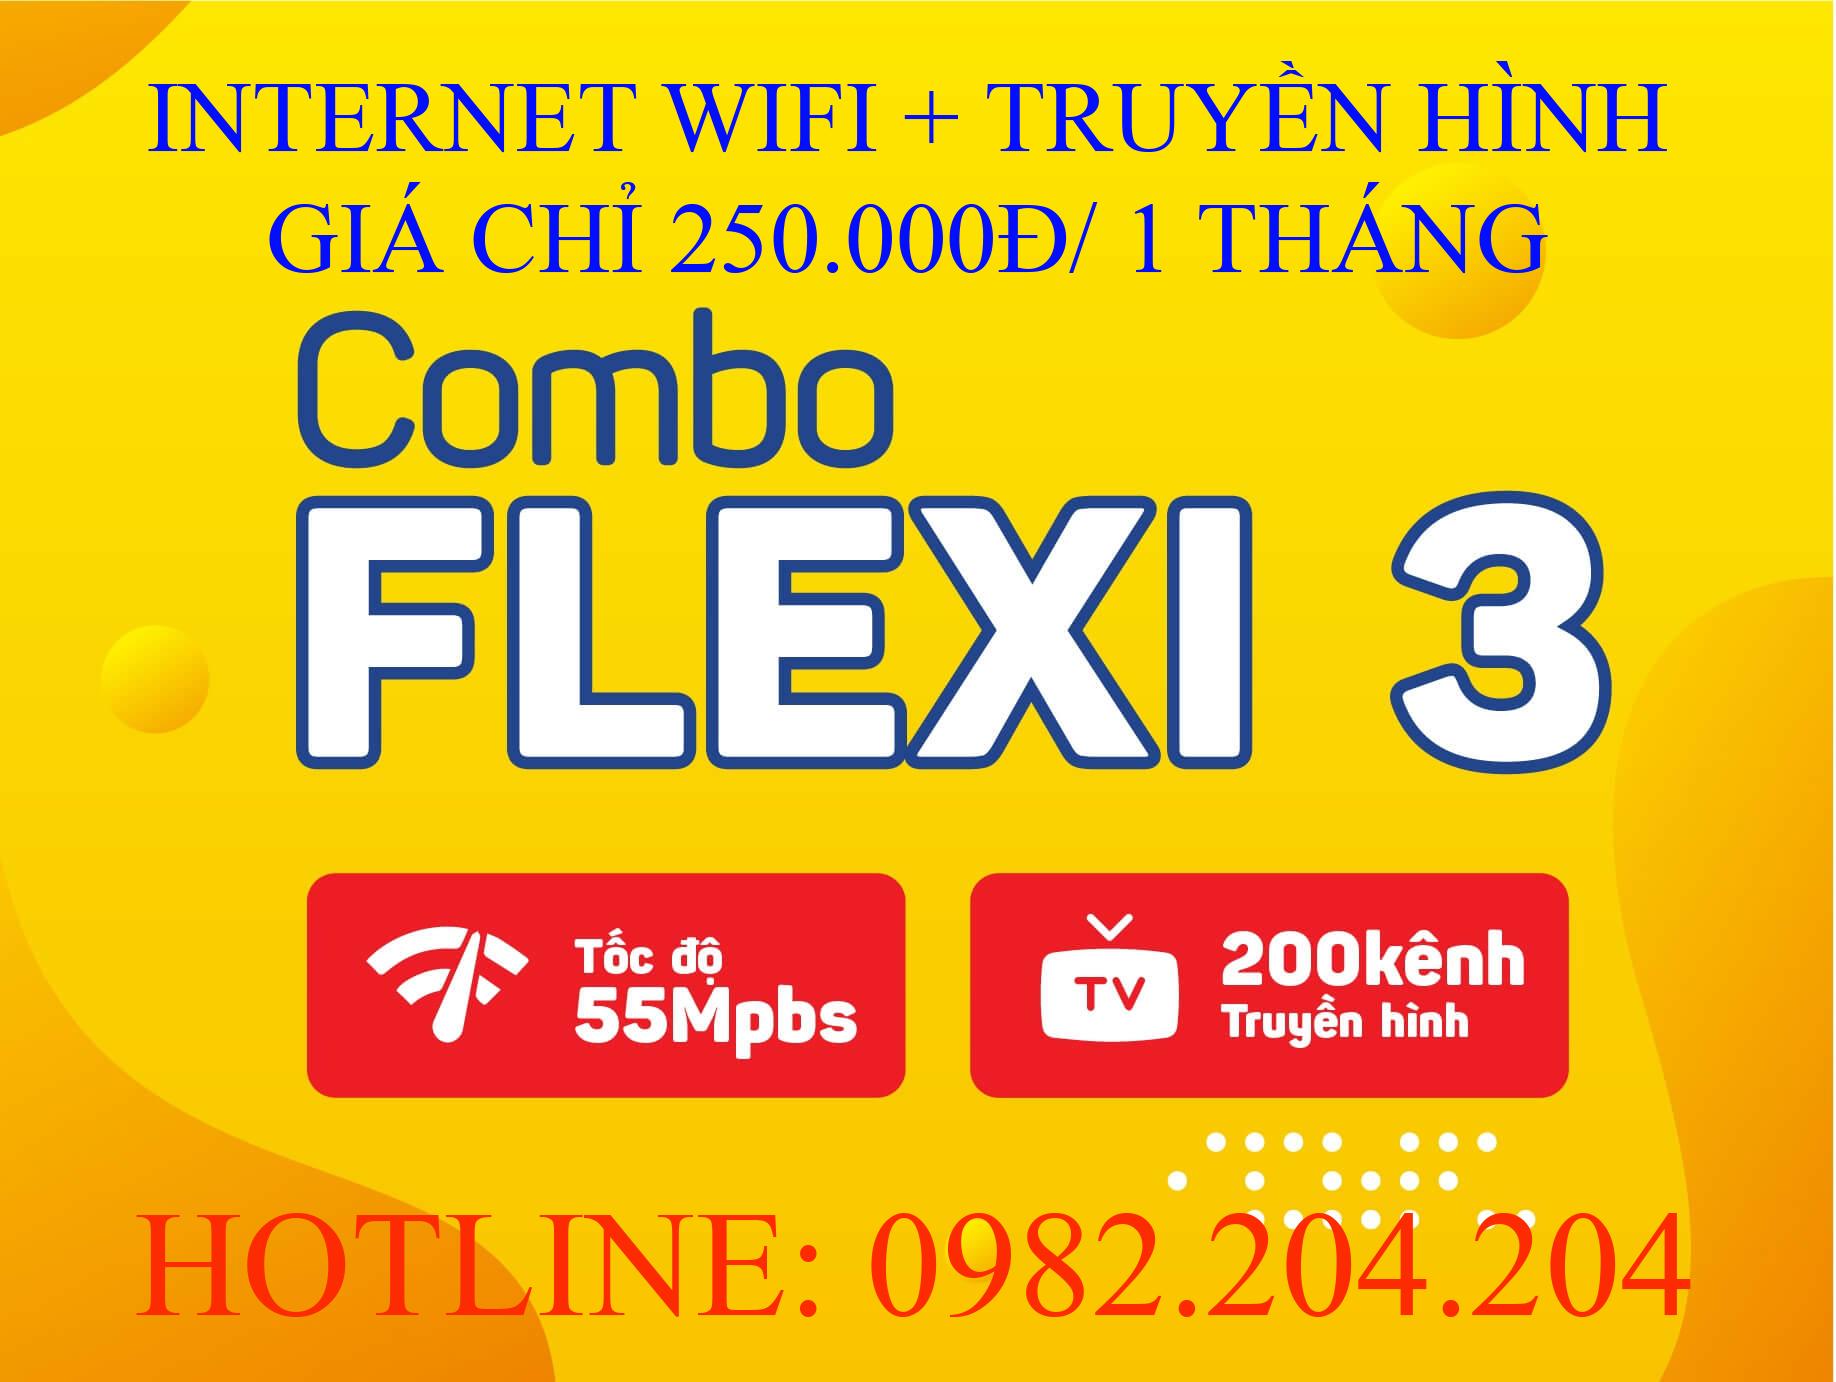 Tổng đài lắp wifi Viettel cung cấp gói combo flexi 3